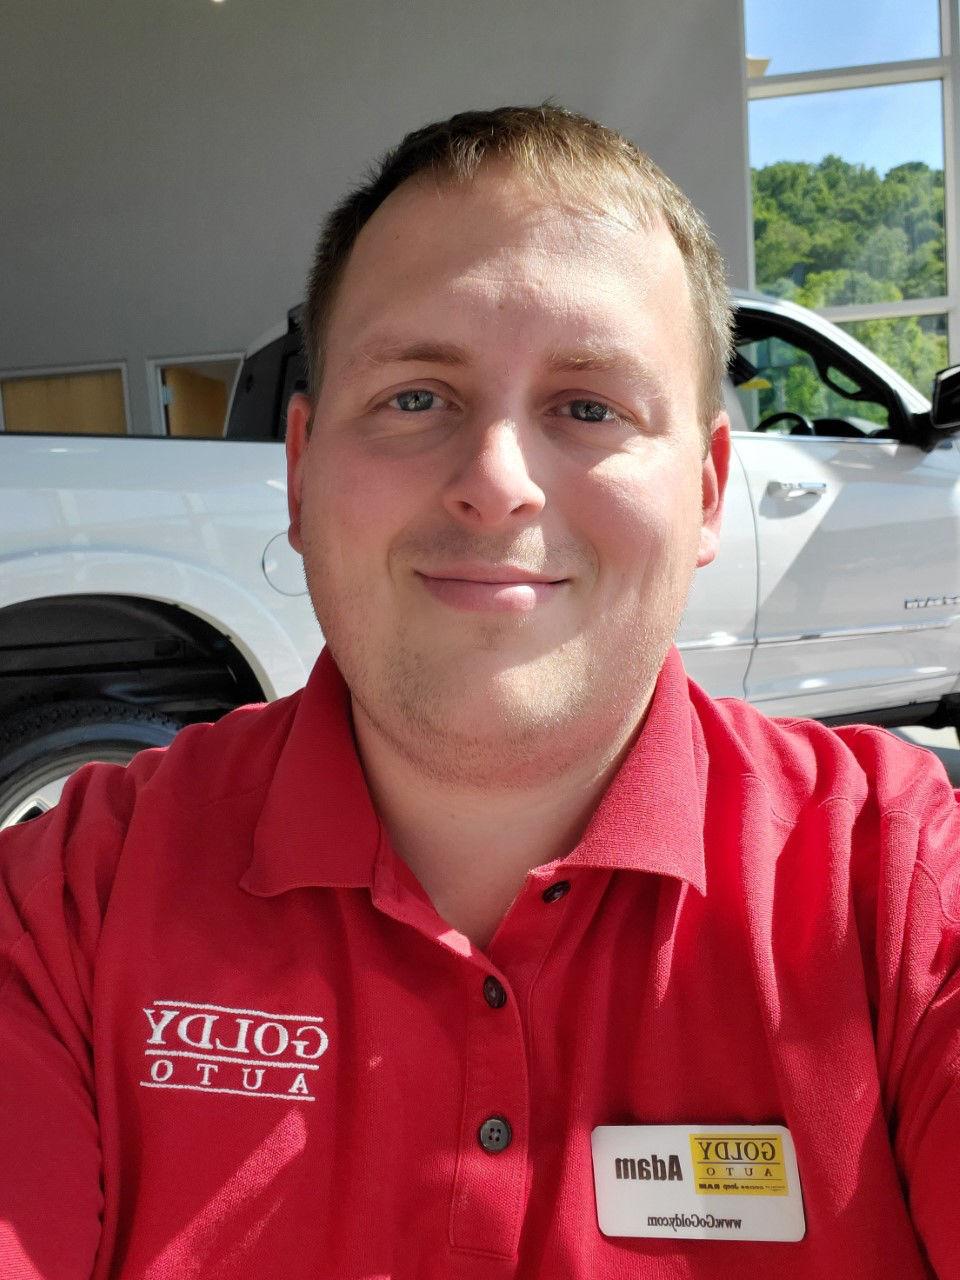 20200719-hdb-personnel Adam Plyler